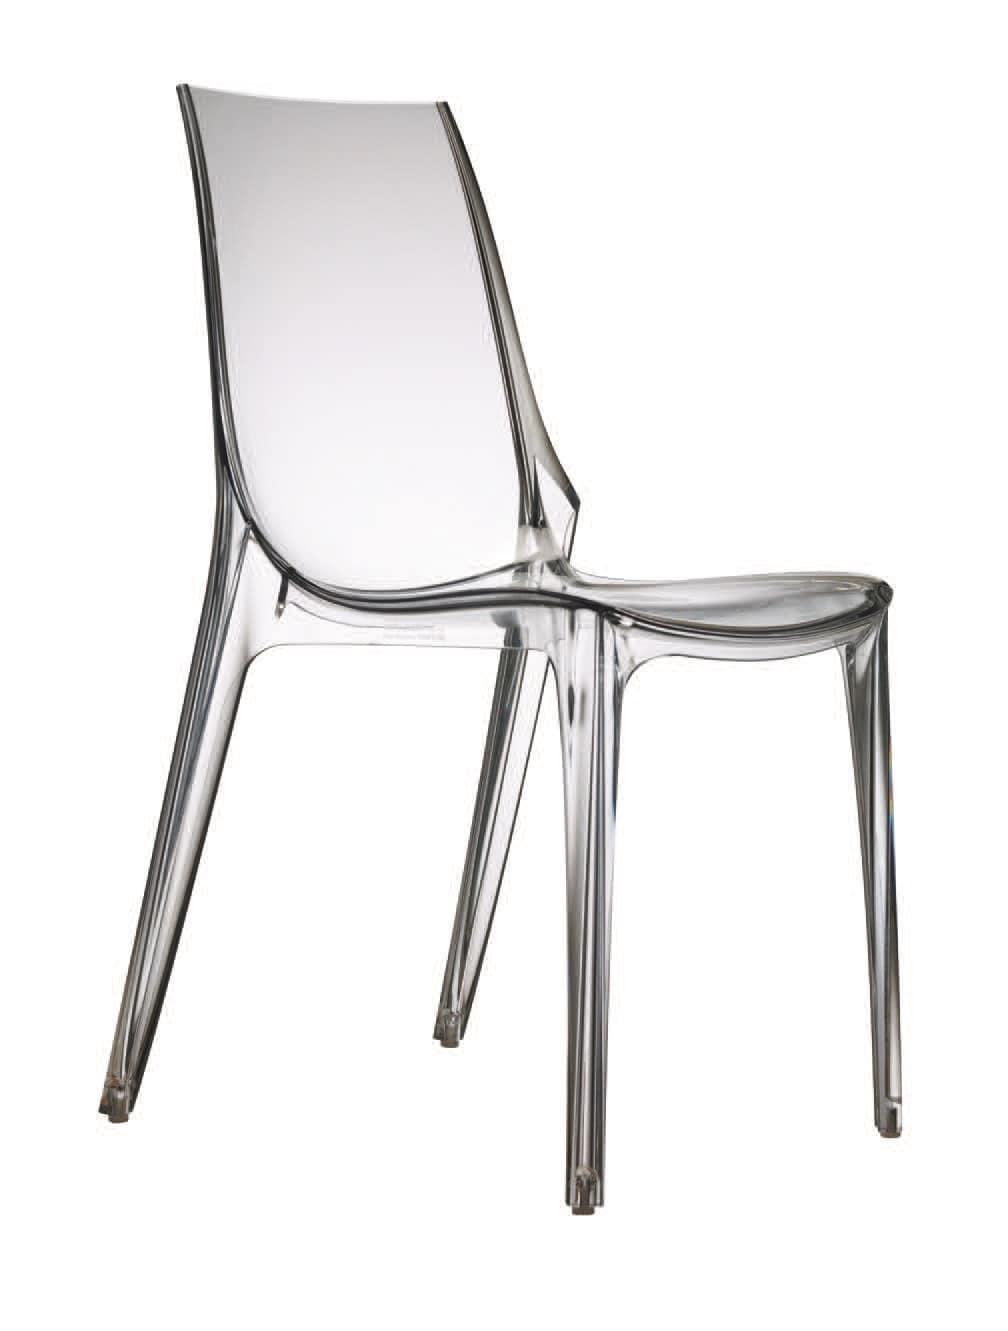 Sedia in policarbonato con piedini antiscivolo | IDFdesign